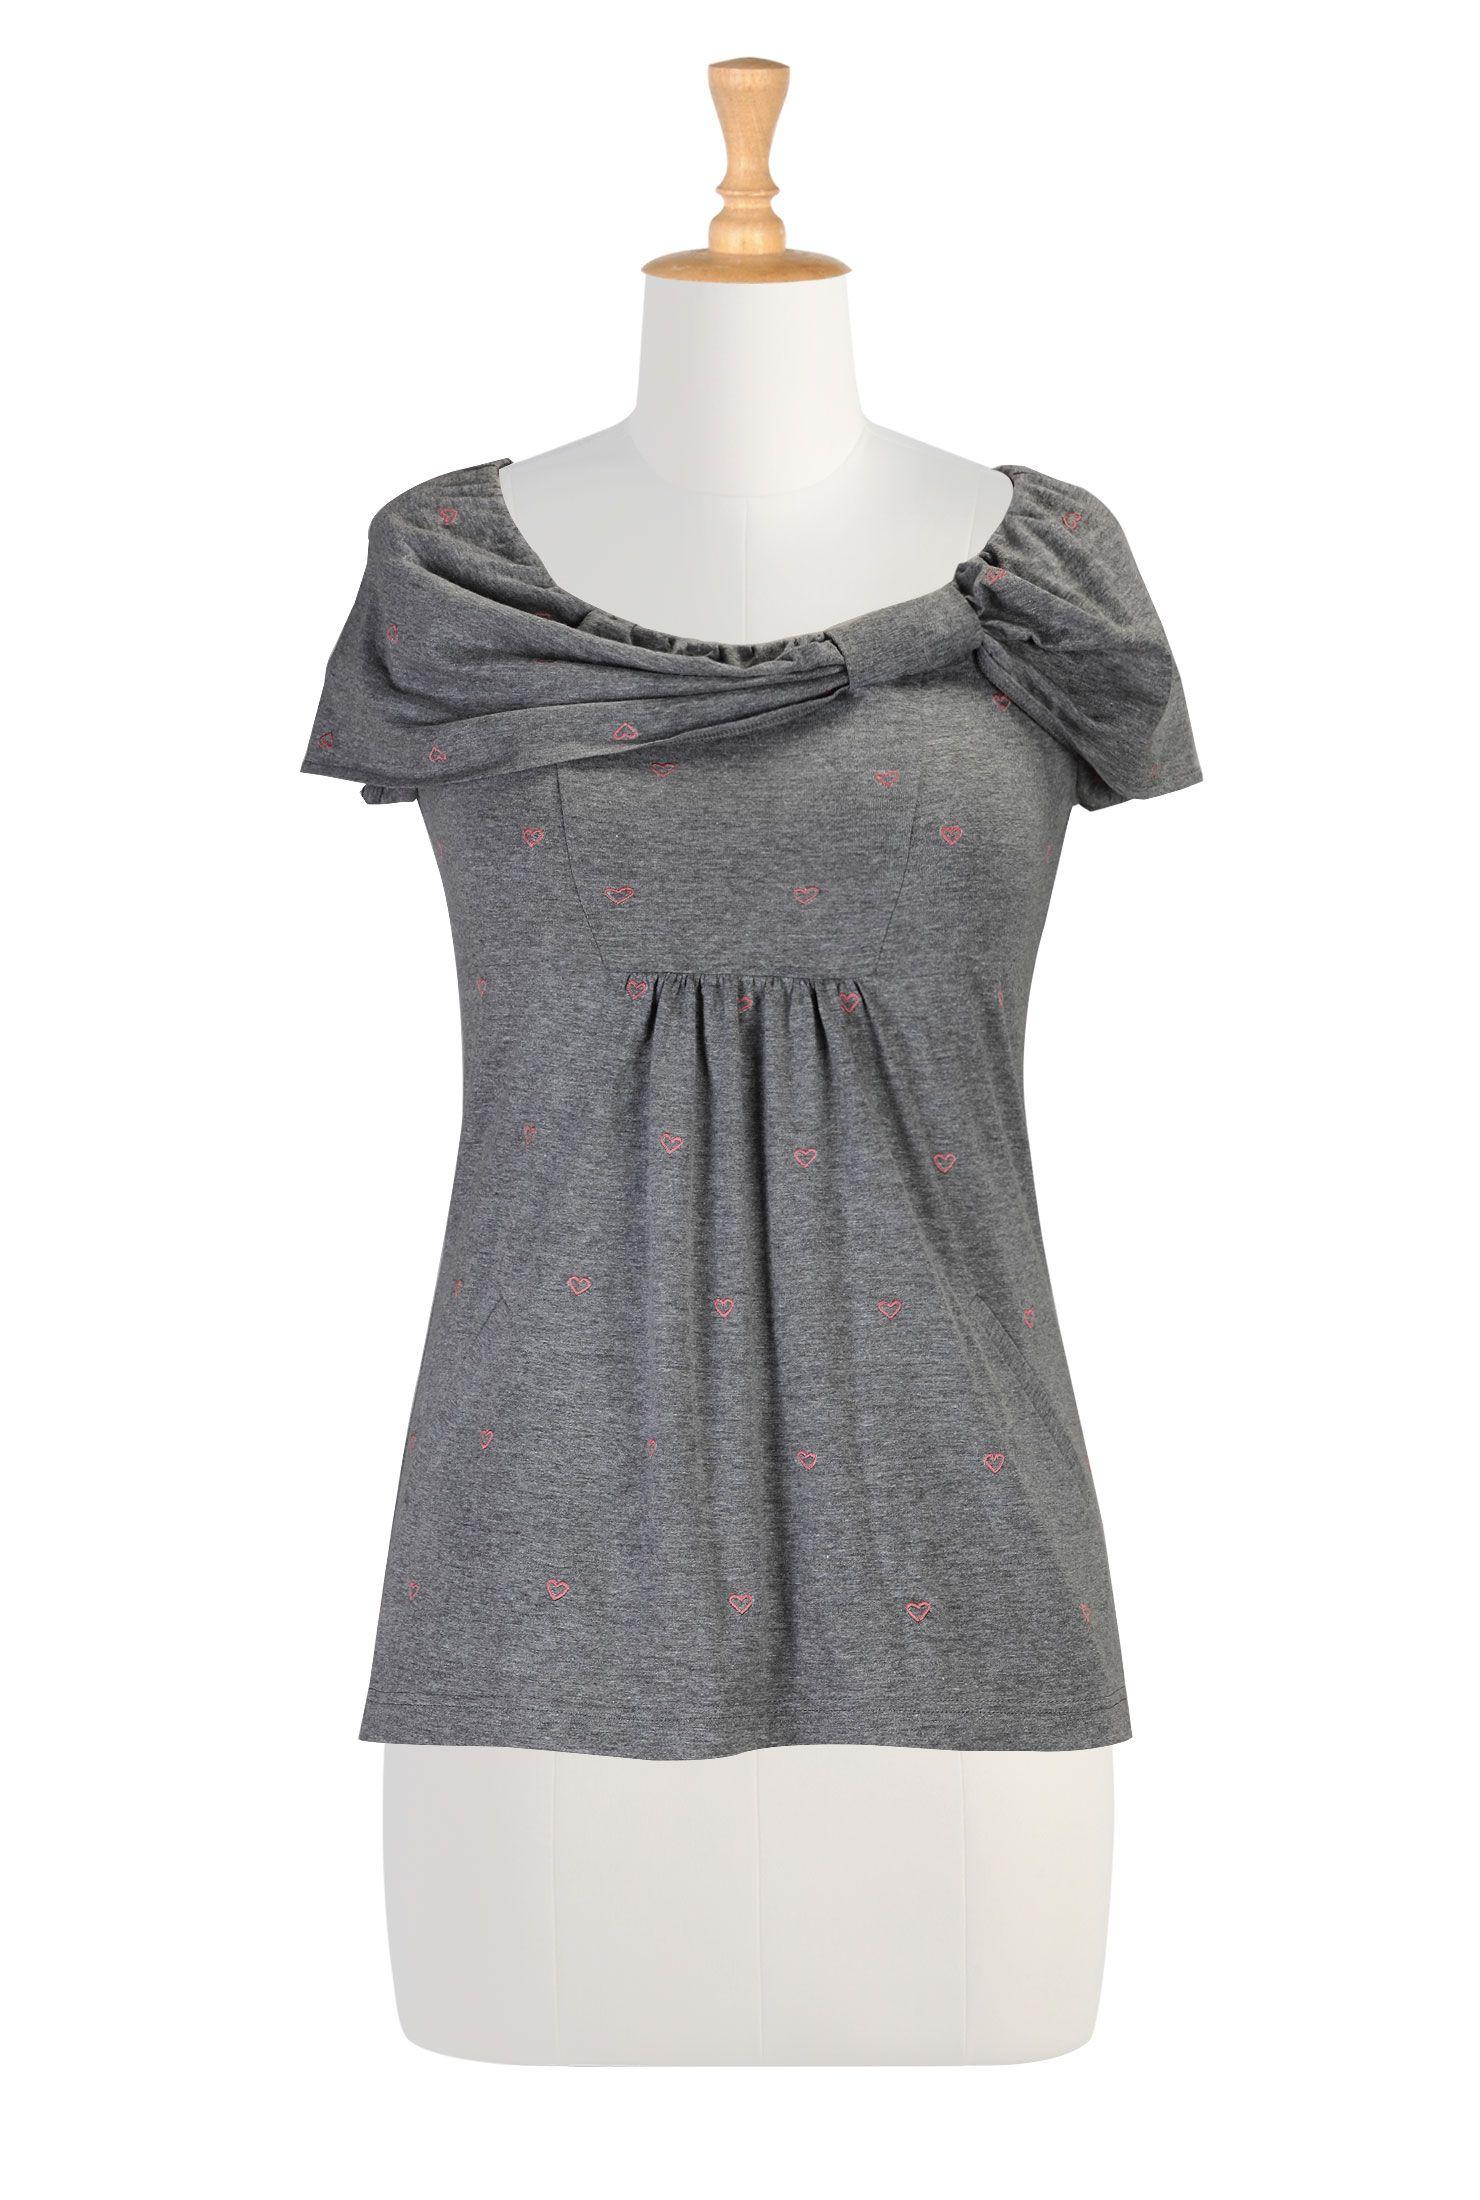 D Collar Heart Knit Tunic